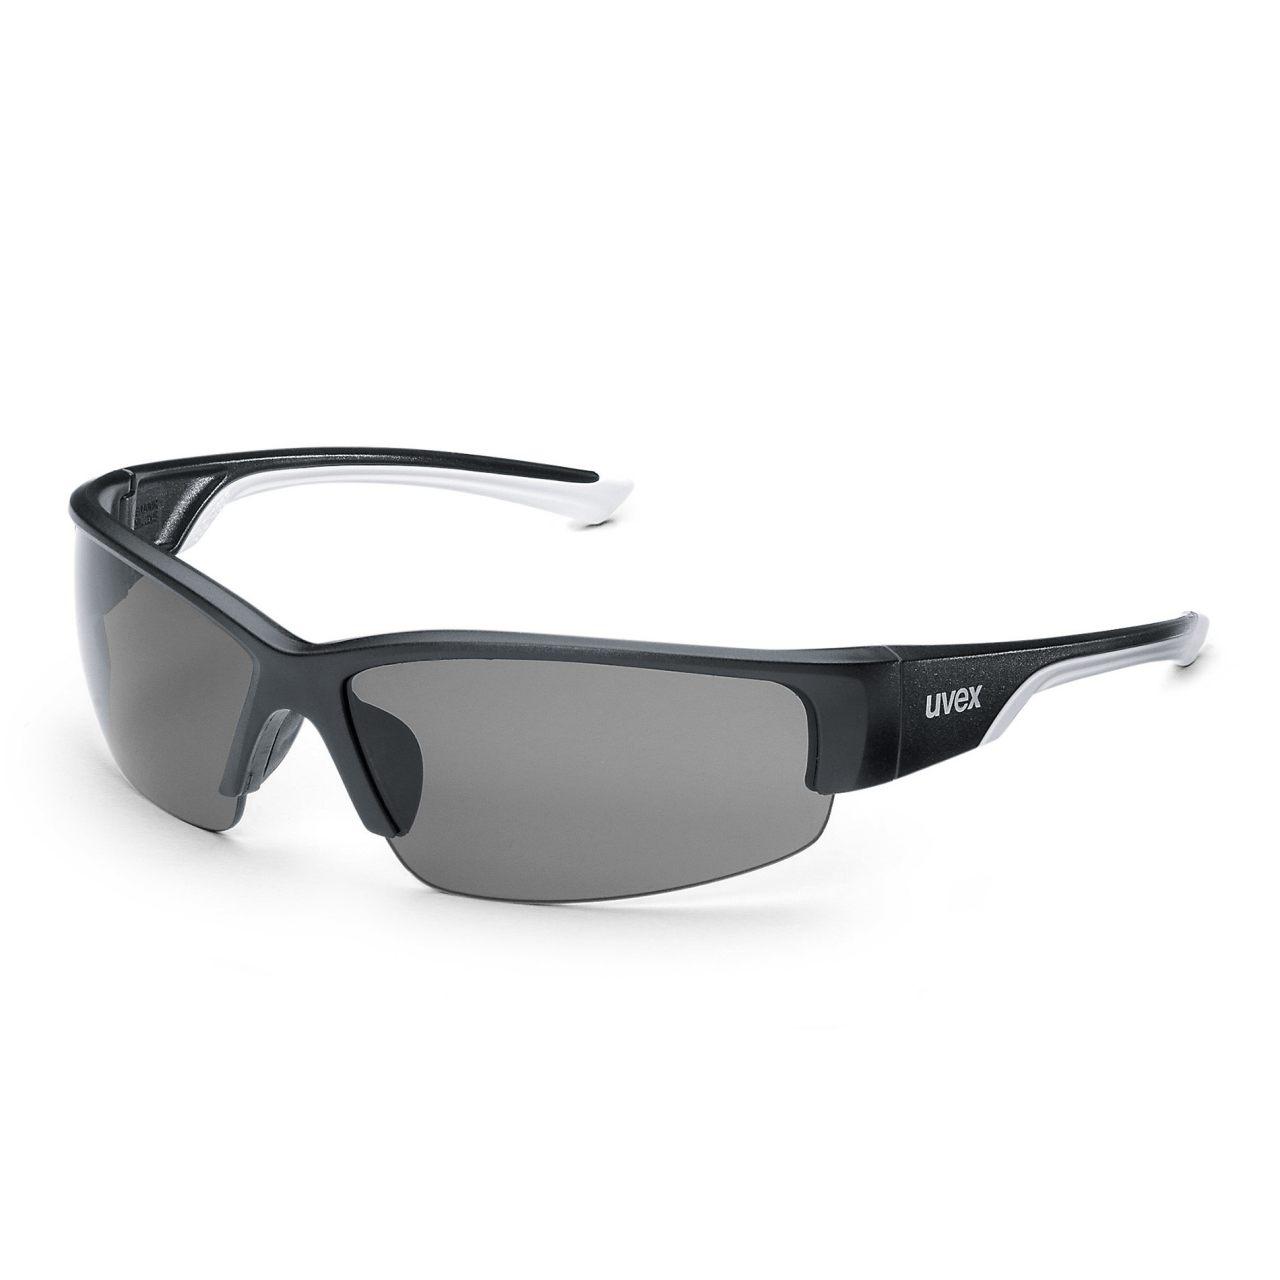 uvex polavision száras szemüveg | Védőszemüvegek | uvex safety